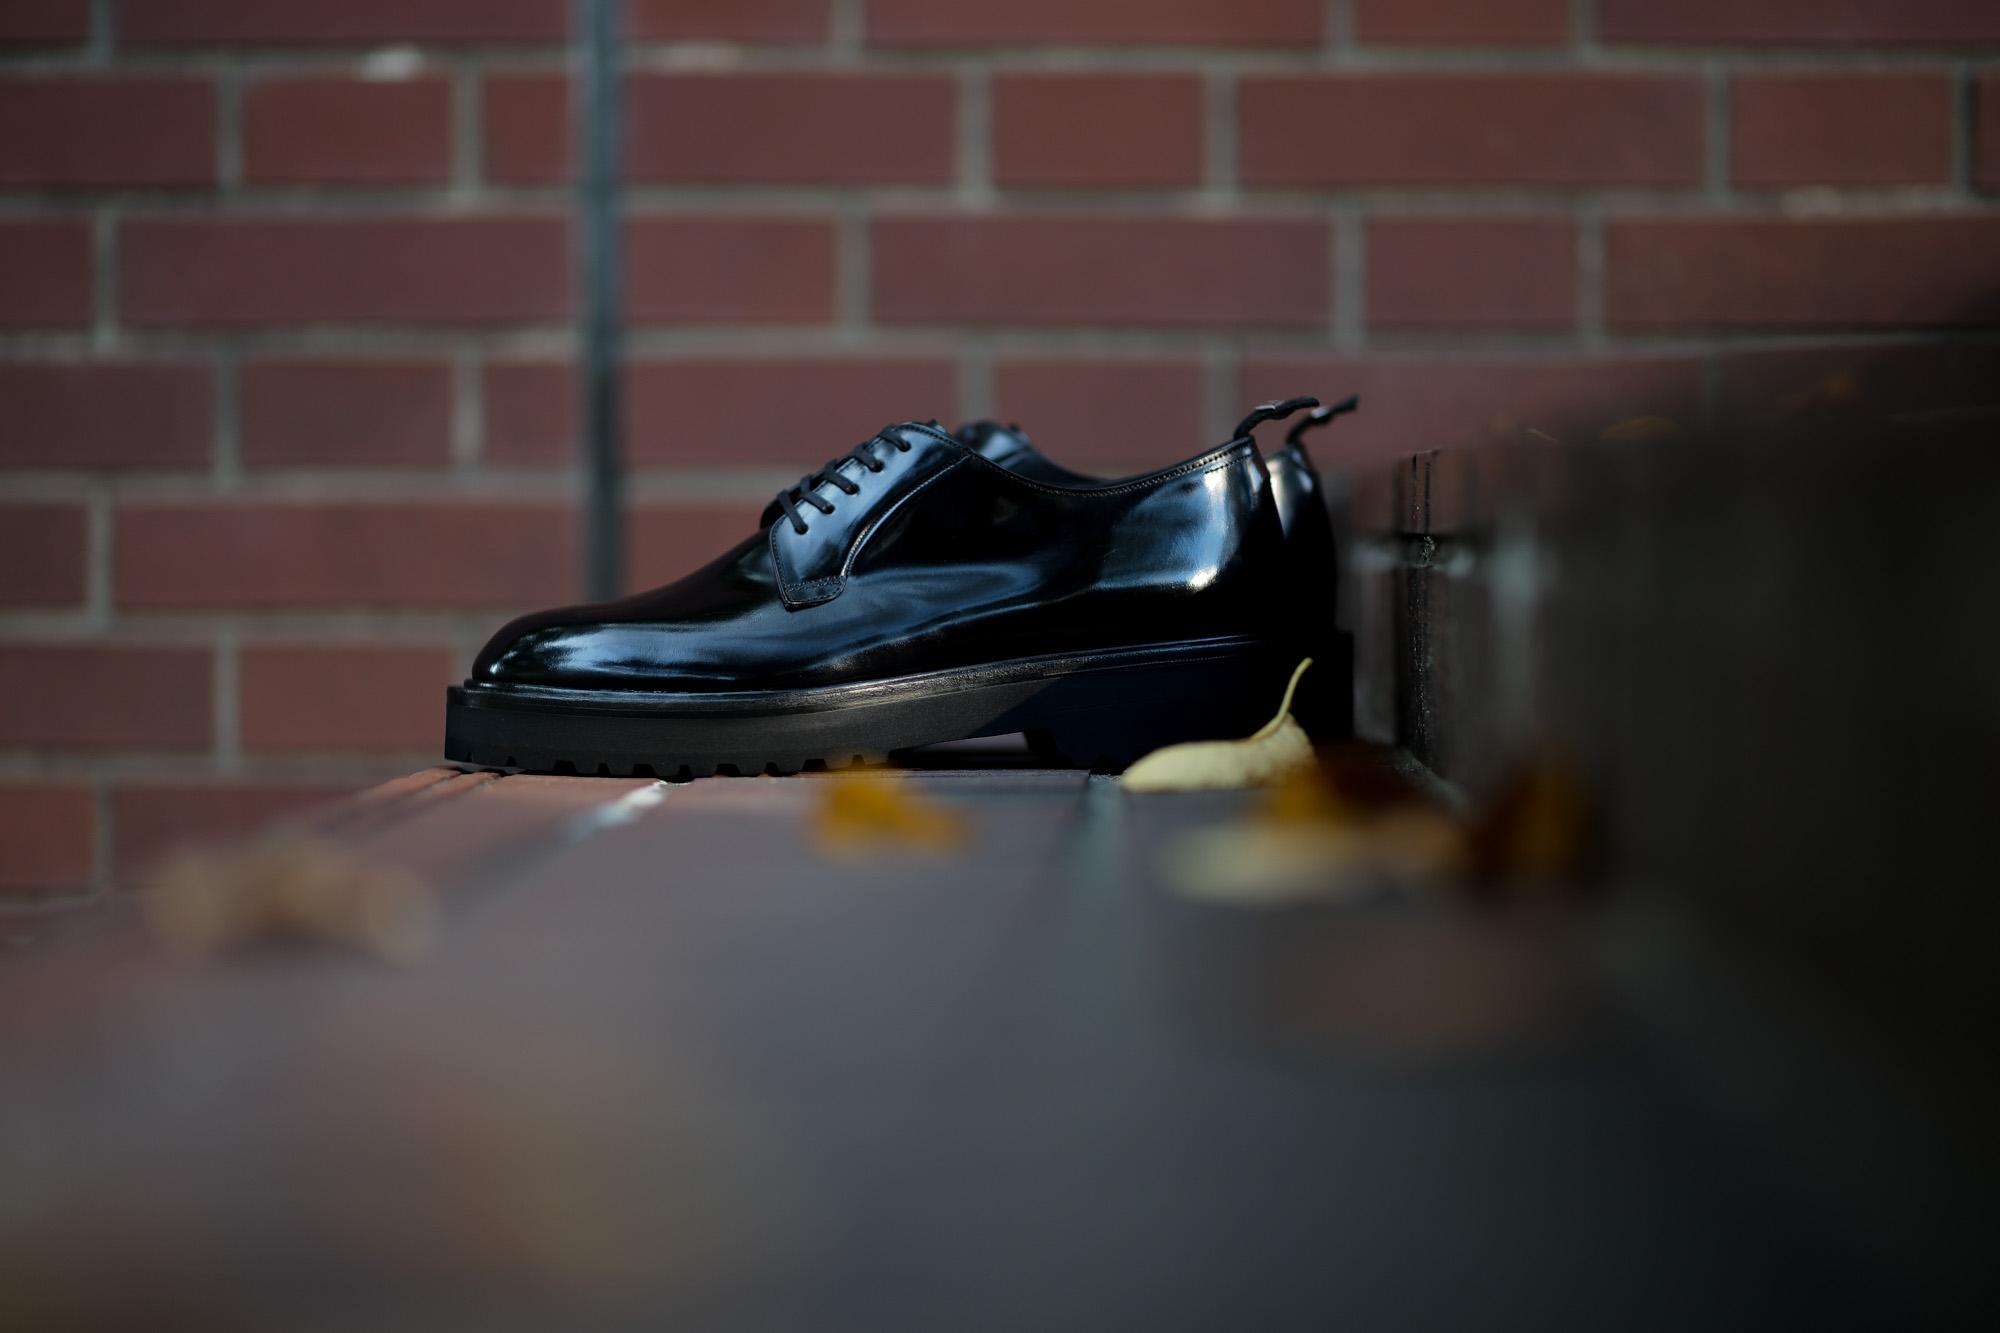 WH (ダブルエイチ) WHZ-0010 Cordovan Plane Toe Shoes (干場氏 スペシャル Zモデル) Birdie Last (バーディラスト) Shell Cordovan シェルコードバンレザー プレーントゥシューズ BLACK (ブラック) MADE IN JAPAN (日本製) 2019 秋冬 【Special限定モデル】【7月27日発売分】【ご予約受付中】 愛知 名古屋 alto e diritto altoediritto アルトエデリット